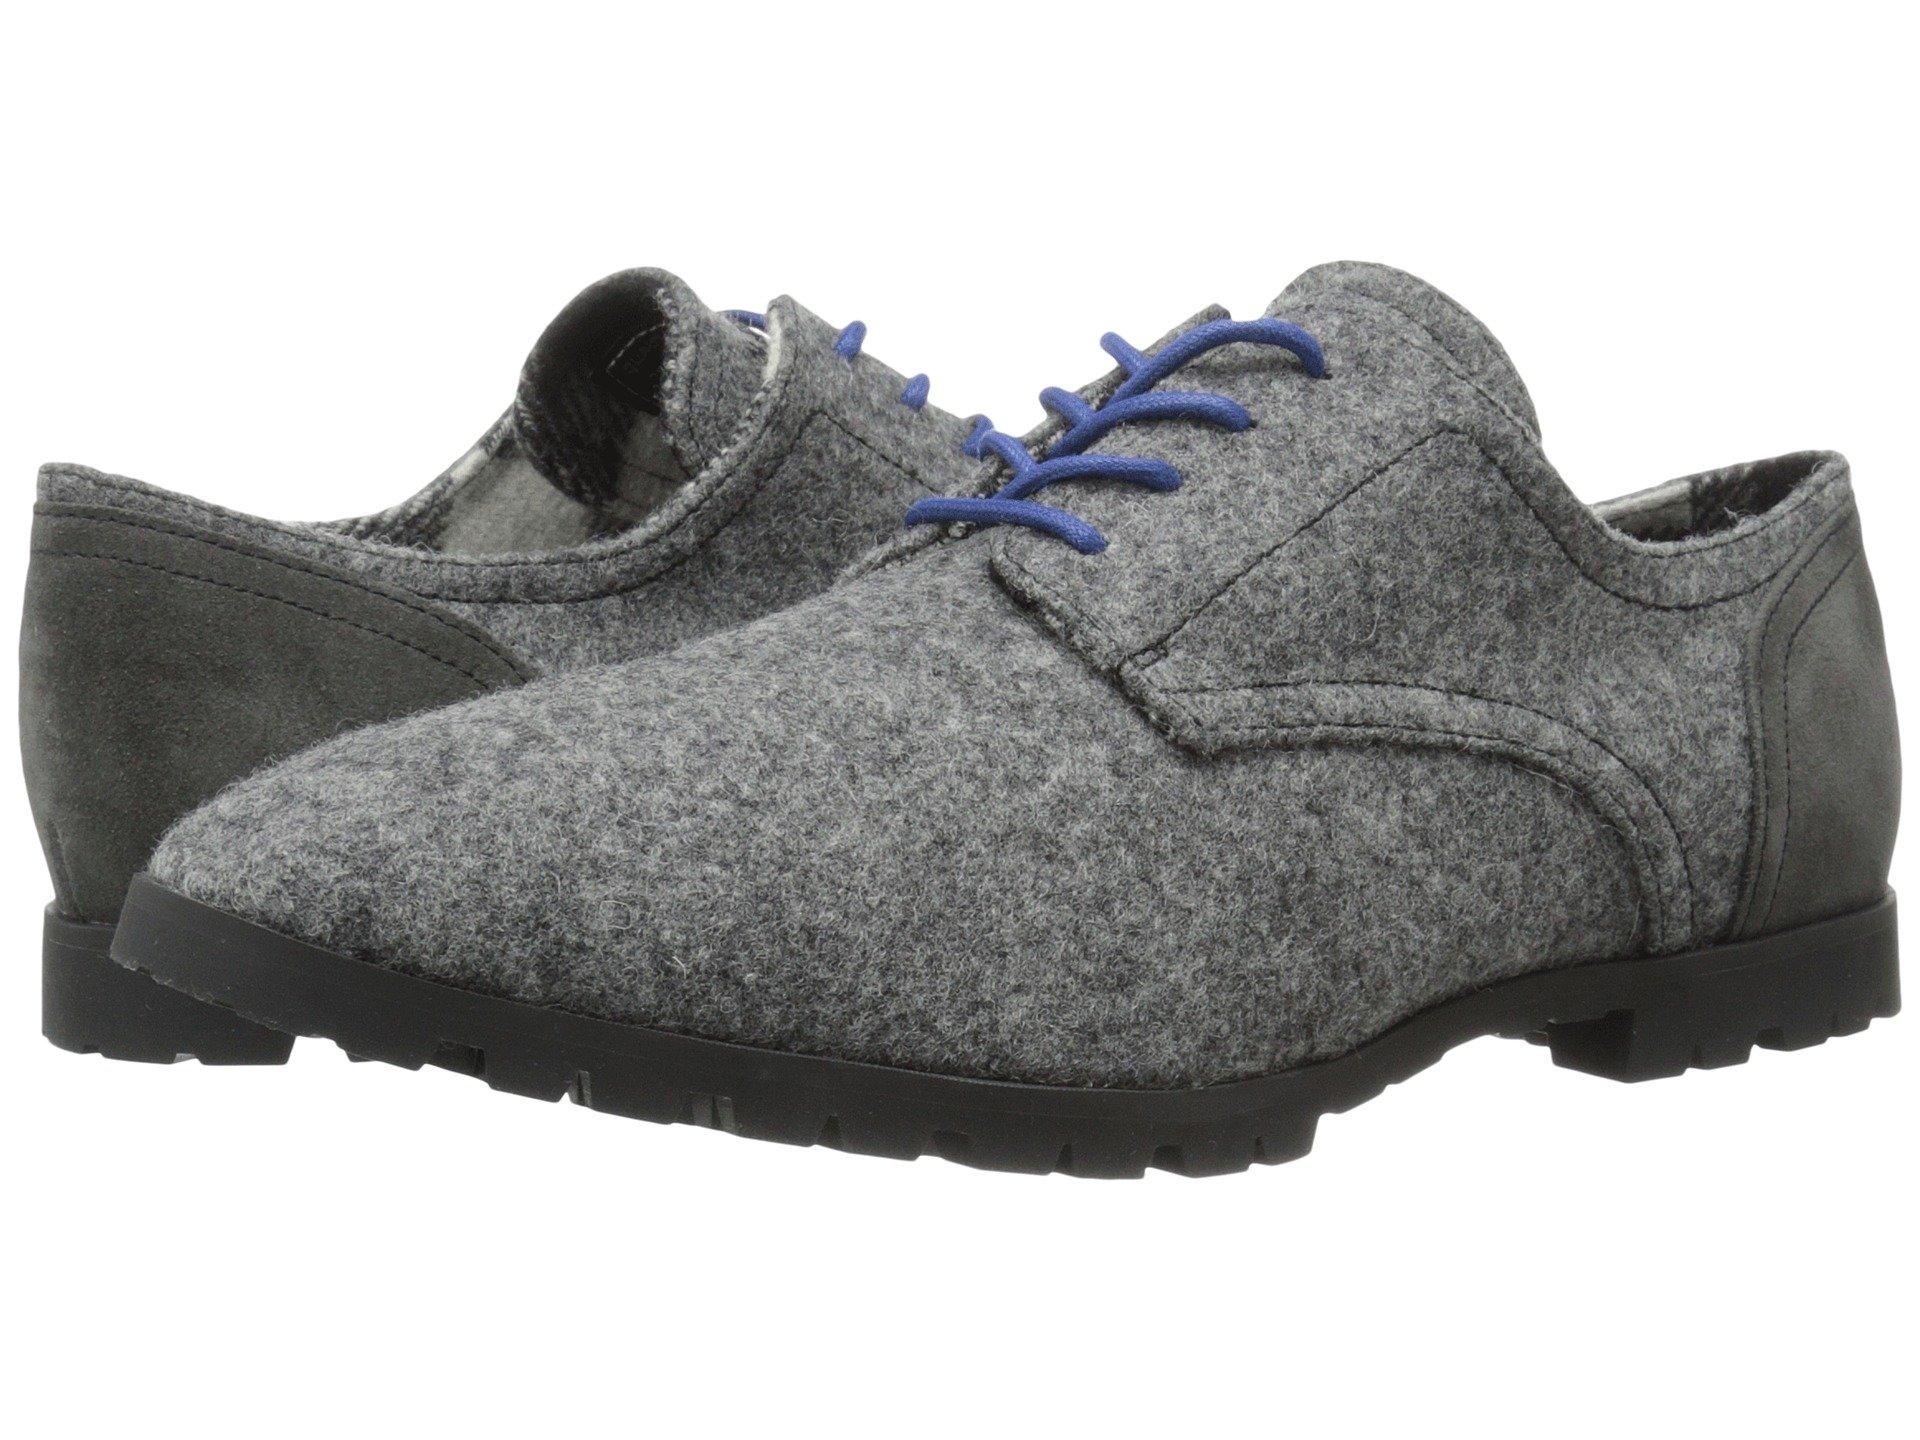 Calzado tipo Oxford para Hombre Woolrich Adams Wool  + Woolrich en VeoyCompro.net